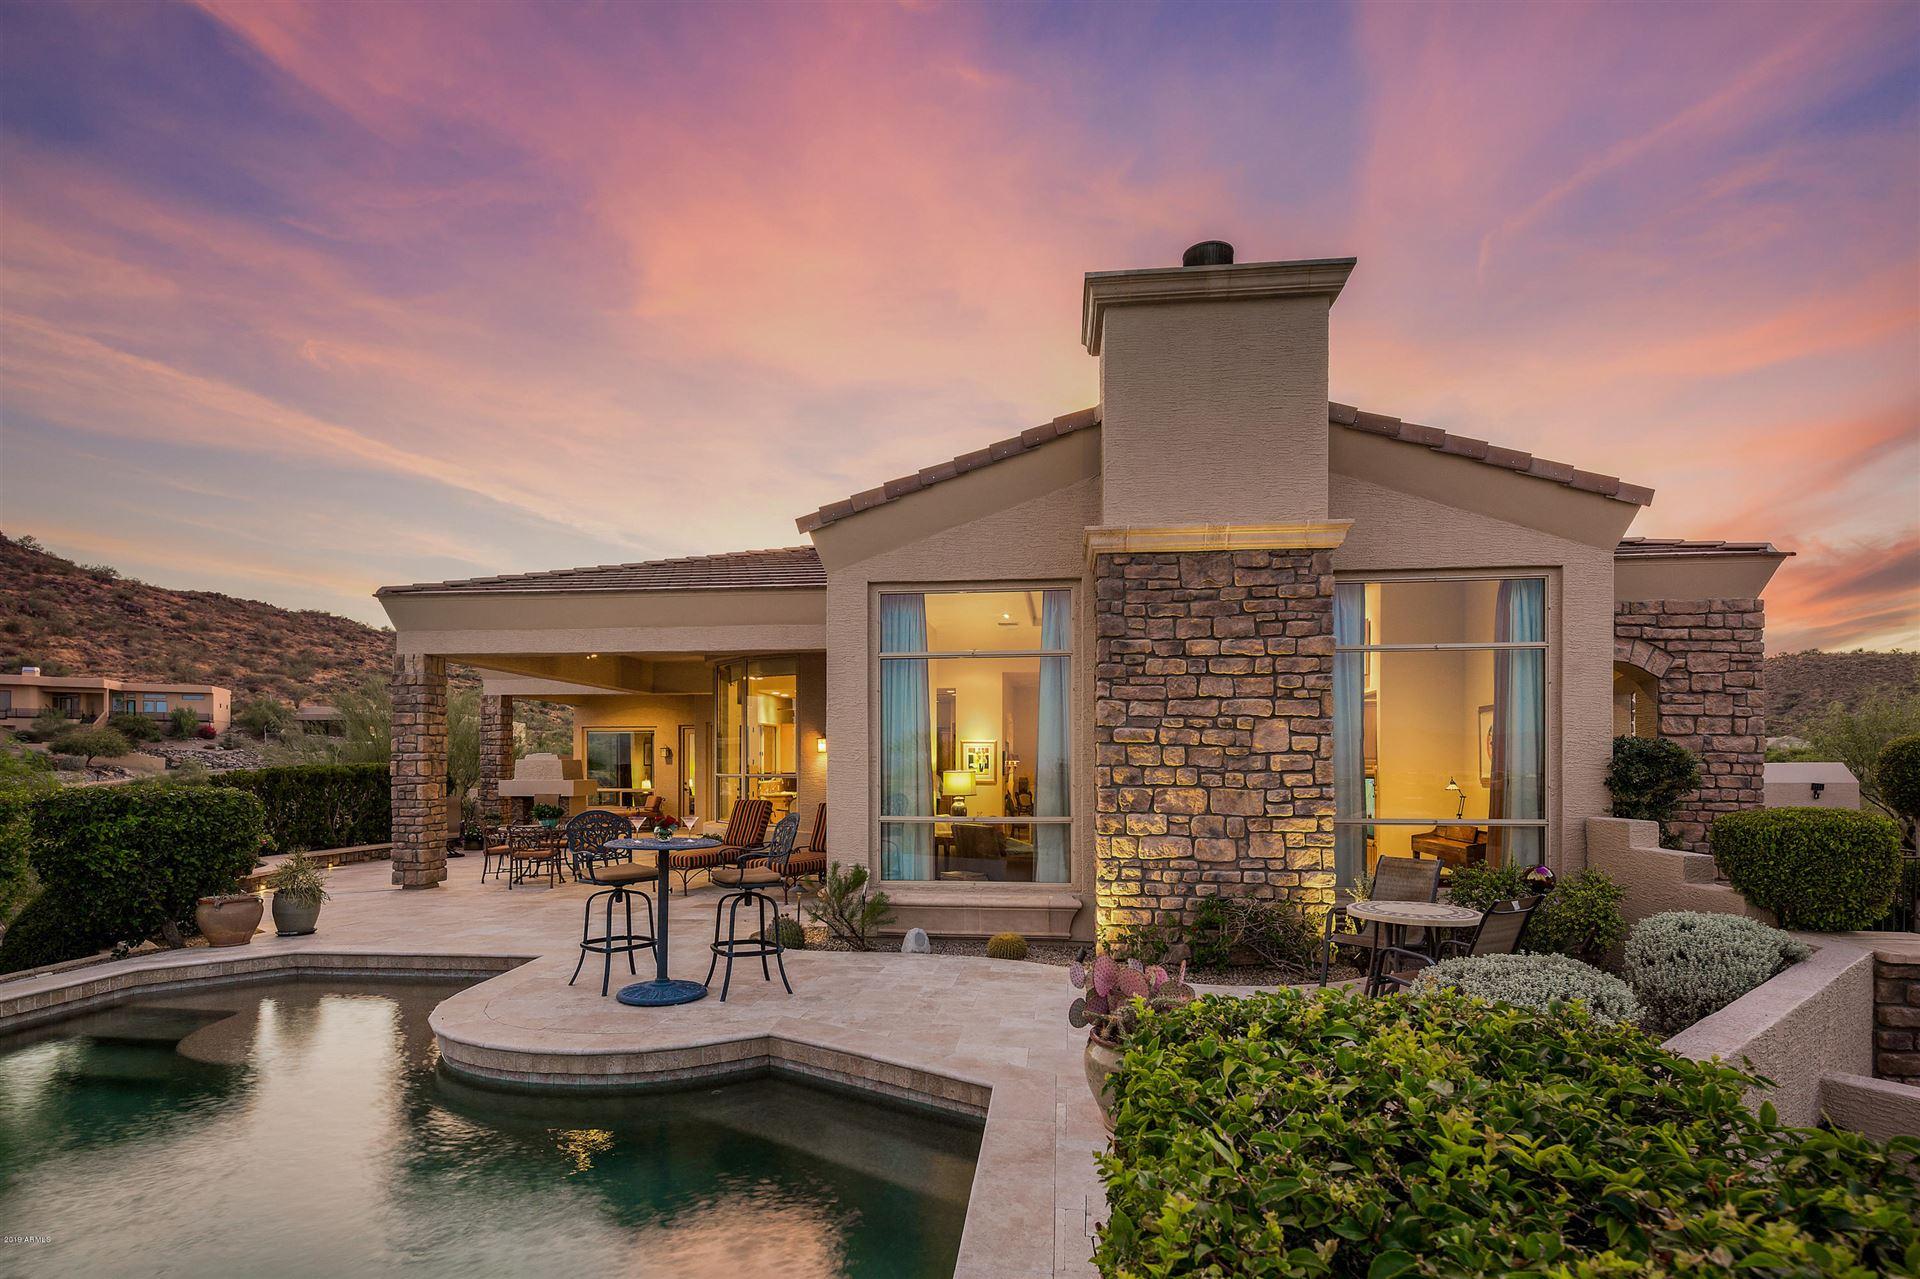 14910 E SIERRA MADRE Drive, Fountain Hills, AZ 85268 - MLS#: 6118187